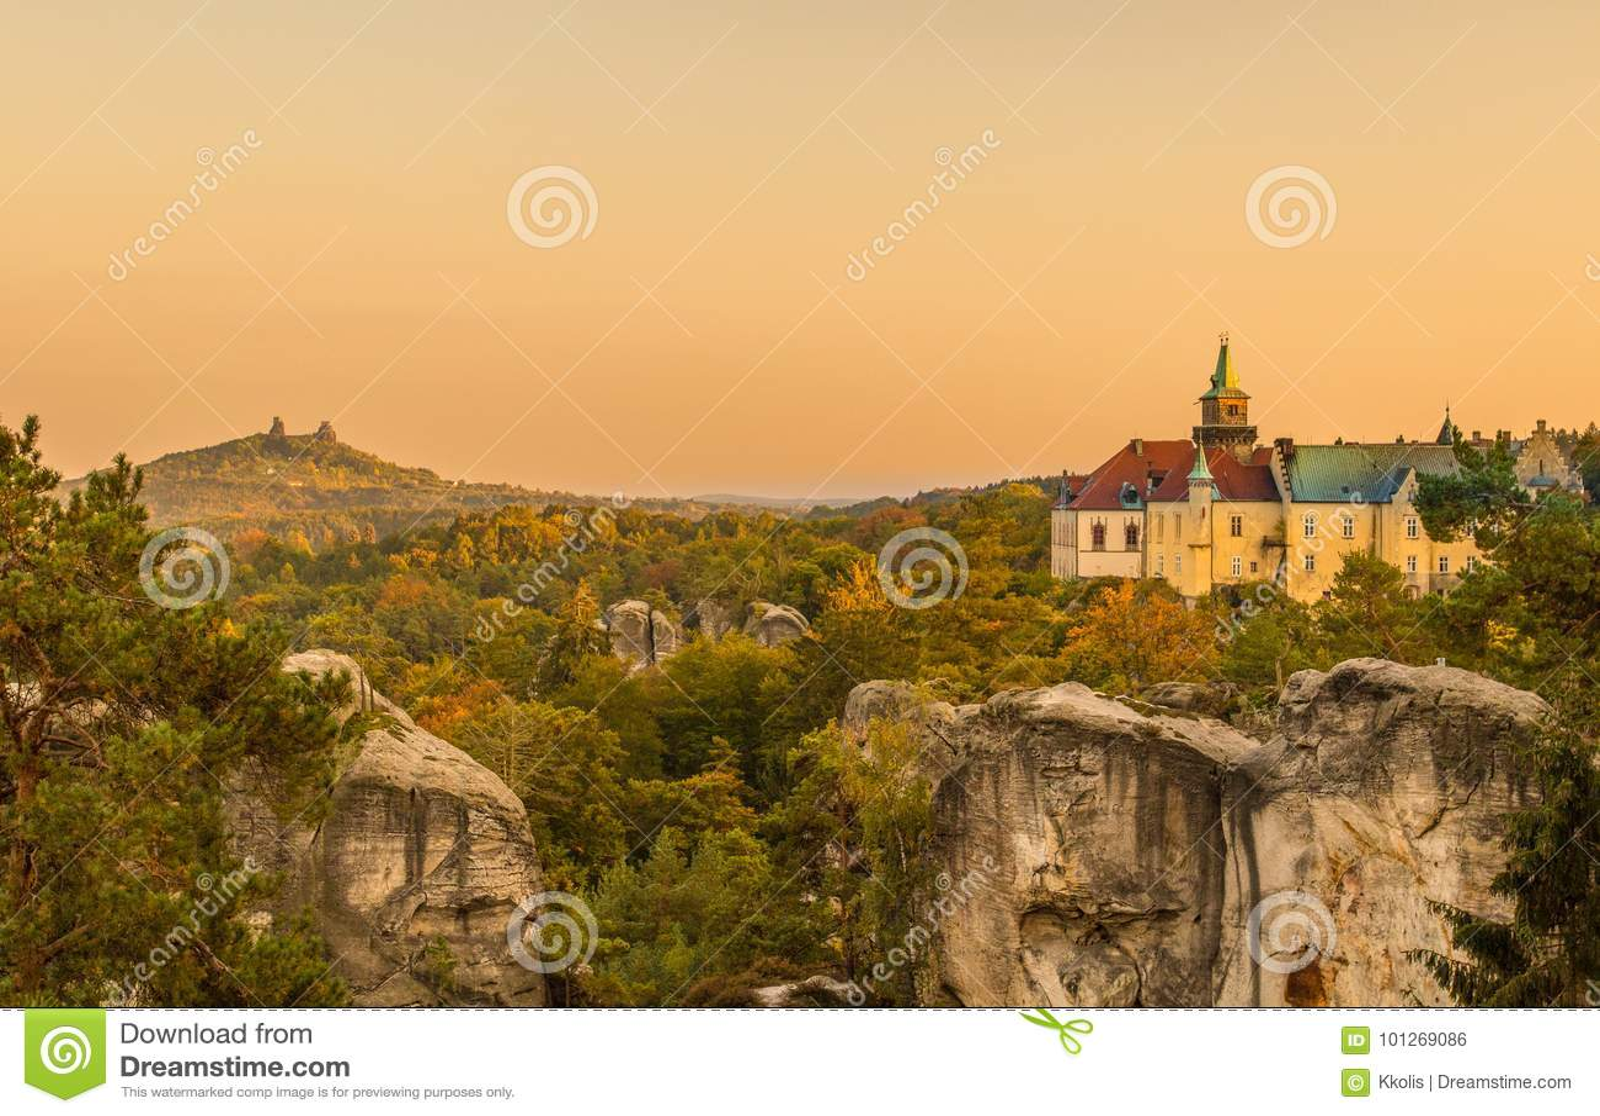 Castelo velho da fantasia e cenário medieval do castelo